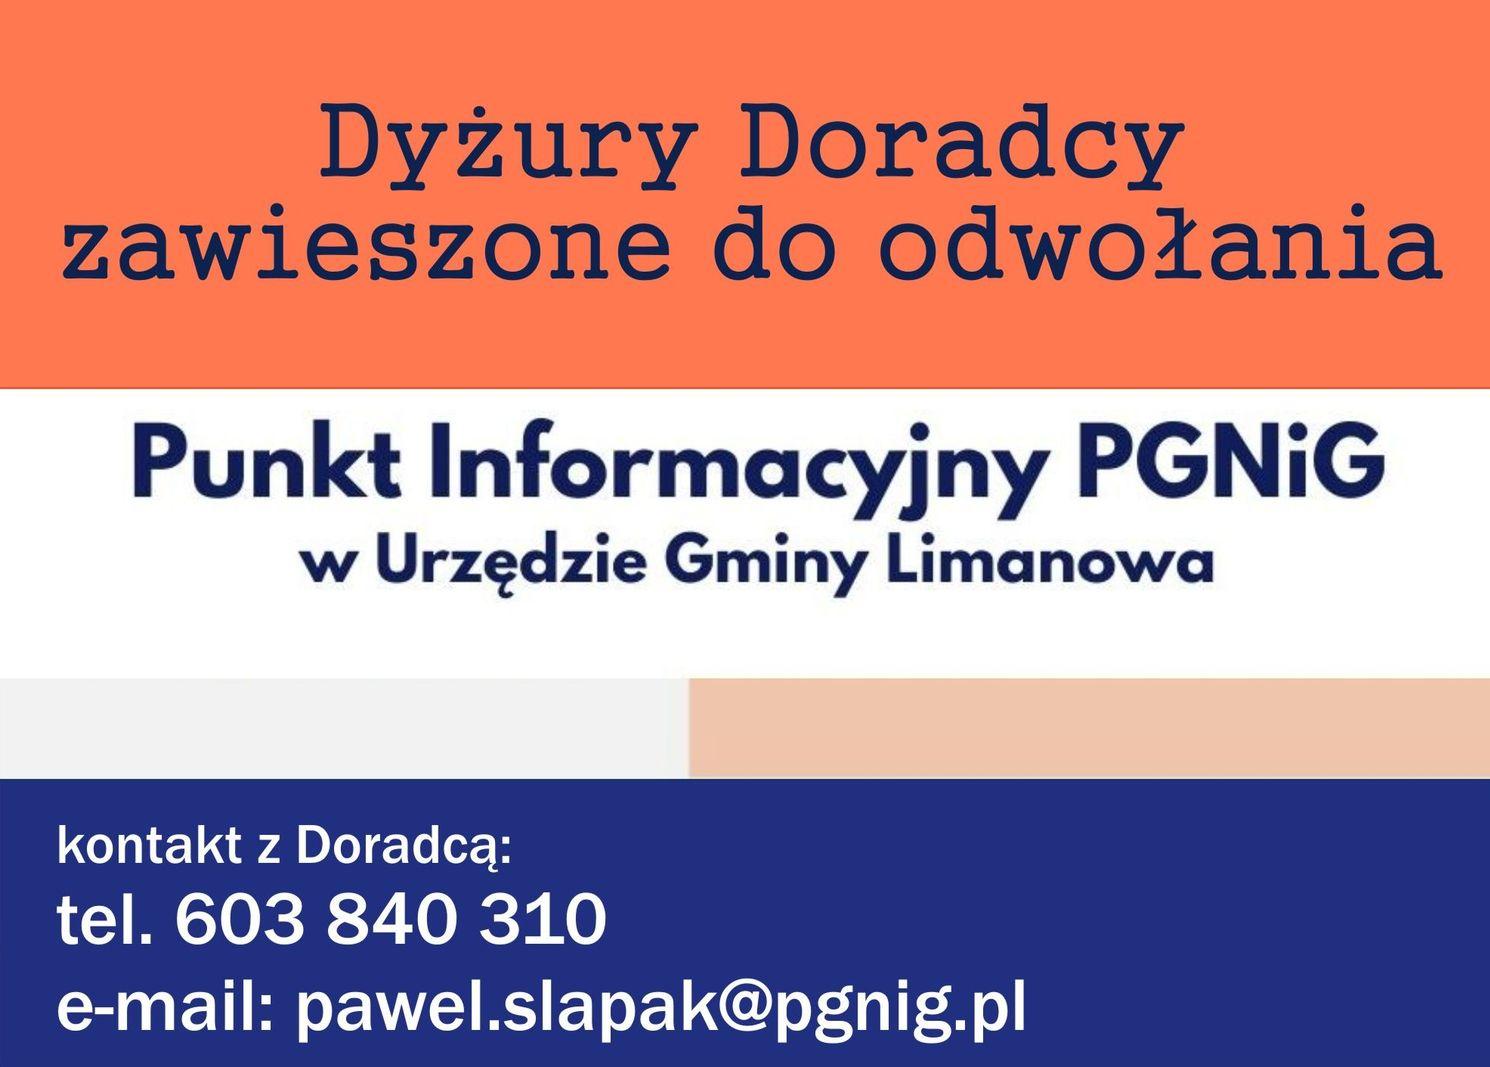 Dyżury Doradcy PGNiG w Urzędzie Gminy-zawieszone do odwołania - zdjęcie główne